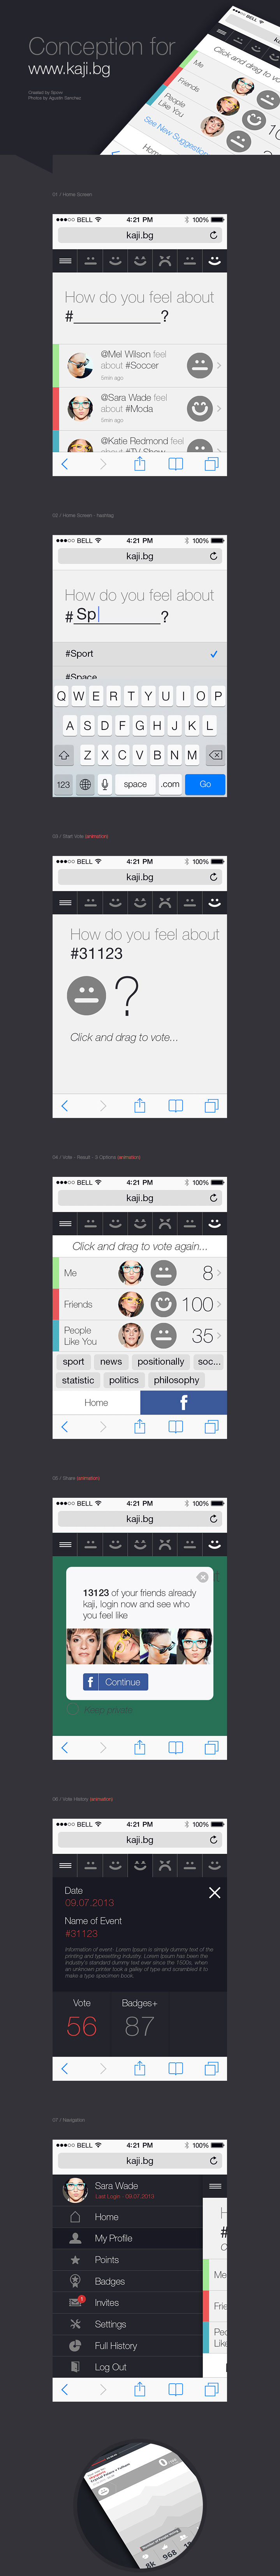 mobil-mesajlasma-ekrani-sosyal-medya